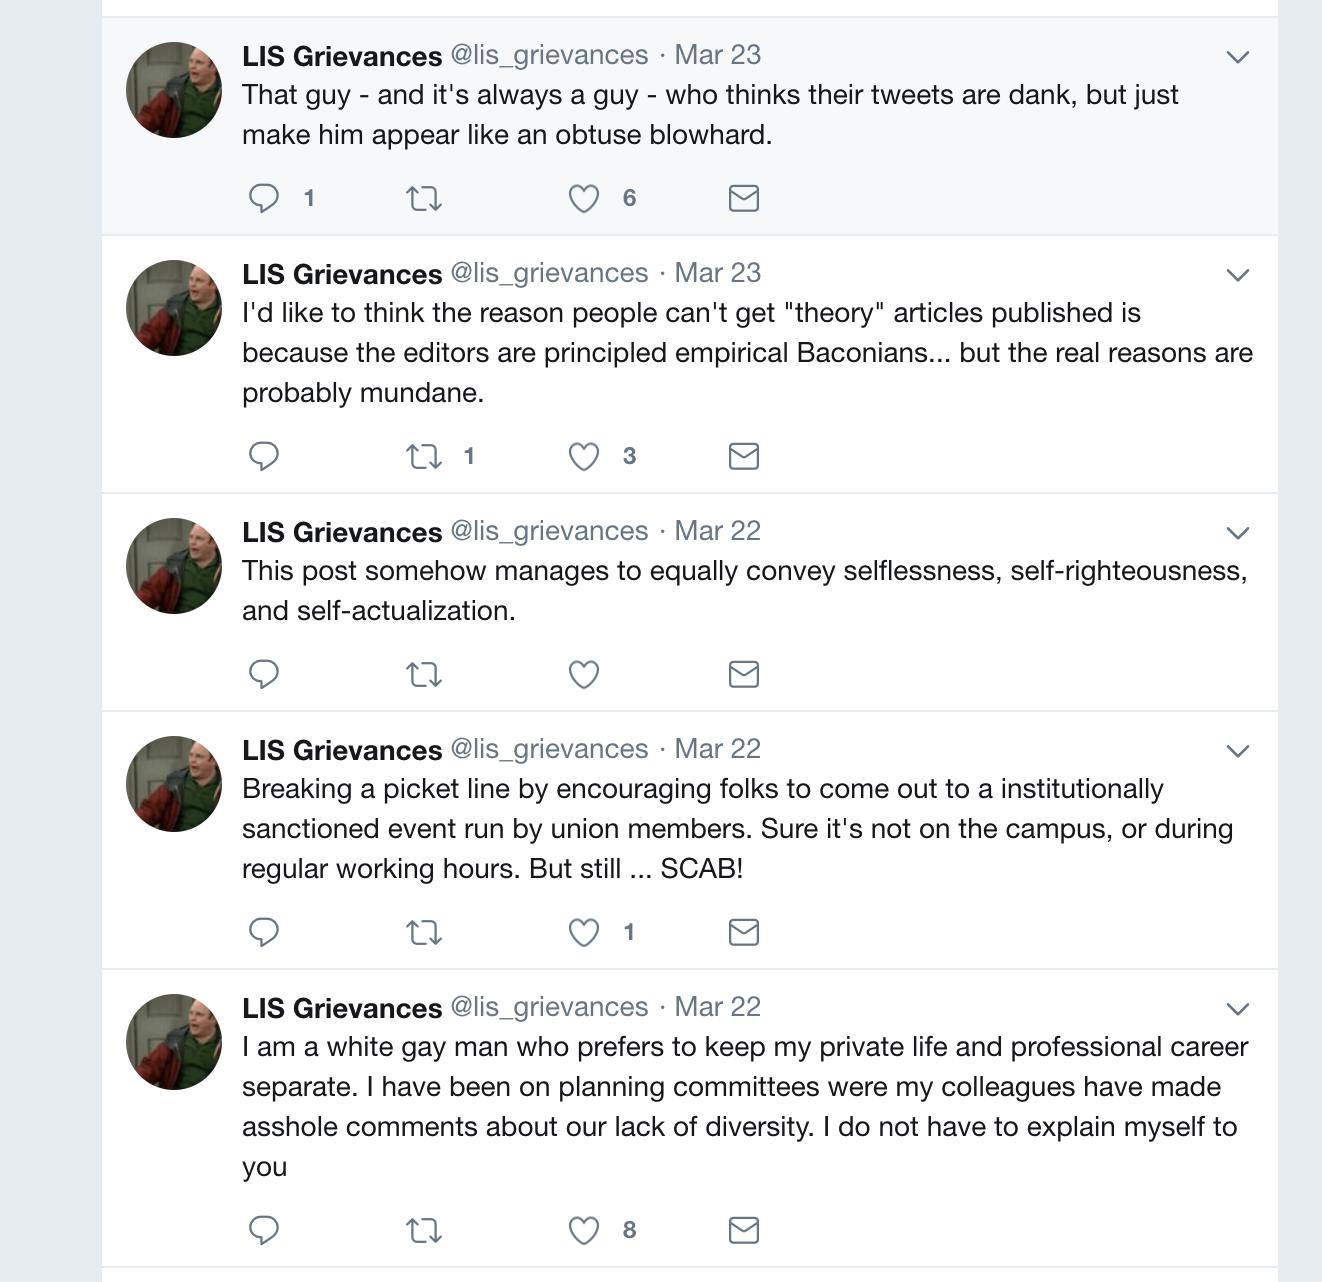 LIS_Grievances Twitter